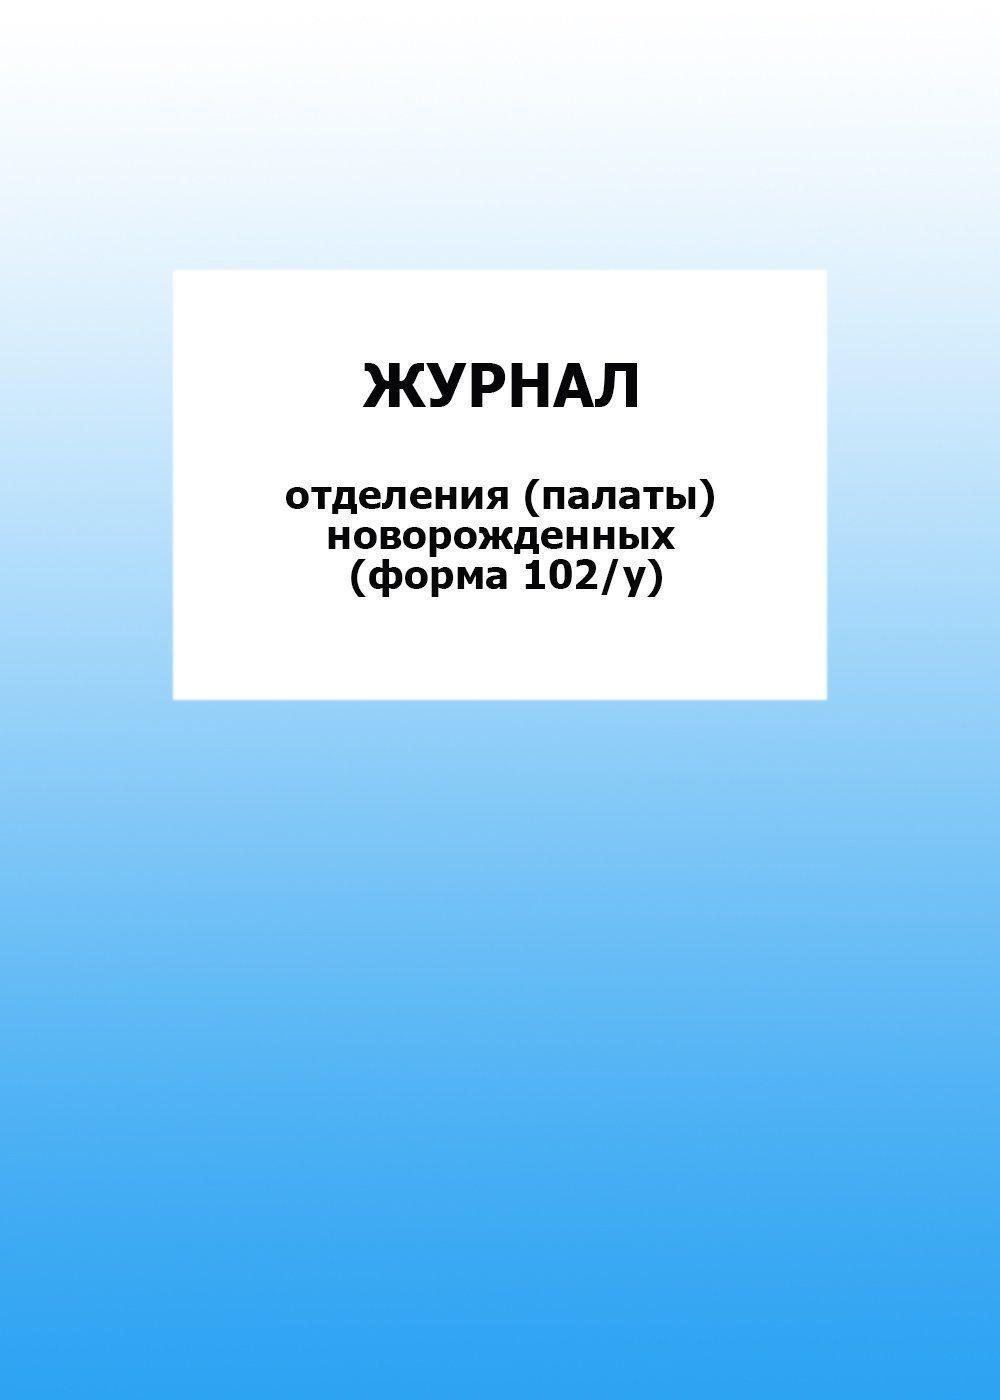 Журнал отделения (палаты) новорожденных (форма 102/у): упаковка 100 шт.